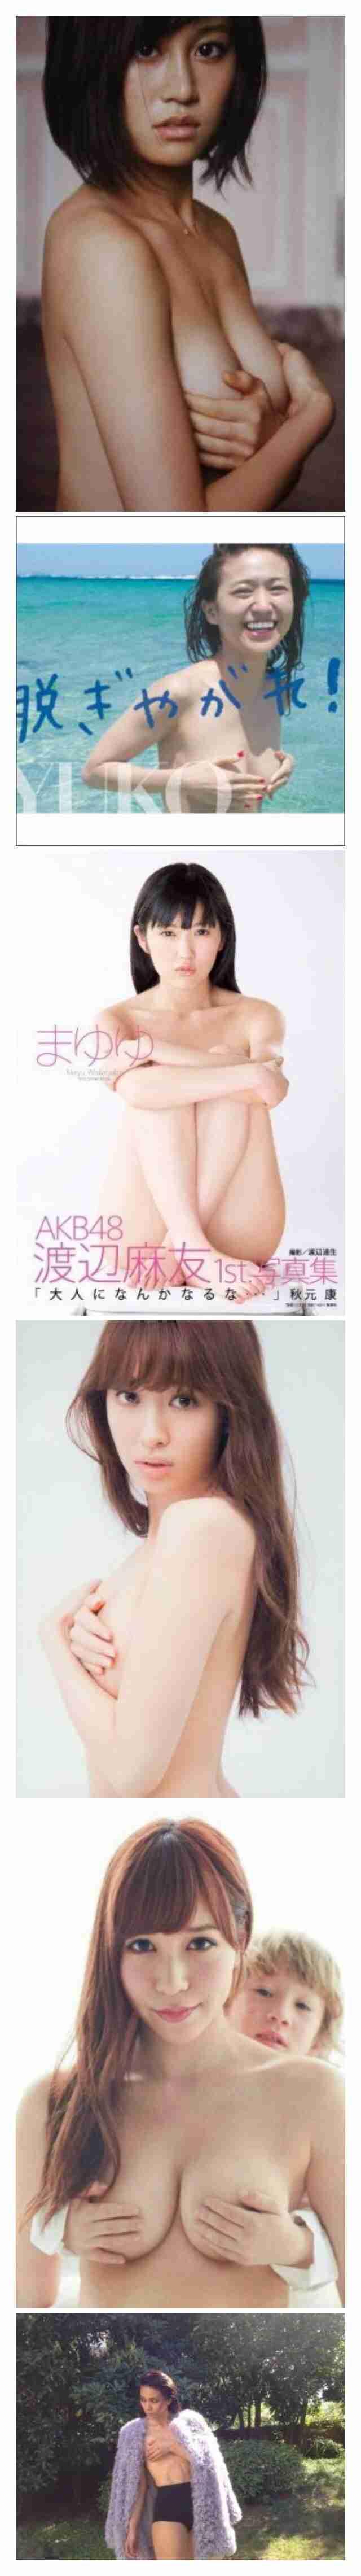 【放送事故】NHK『AKB48 SHOW』でパンチラならぬ尻チラwww